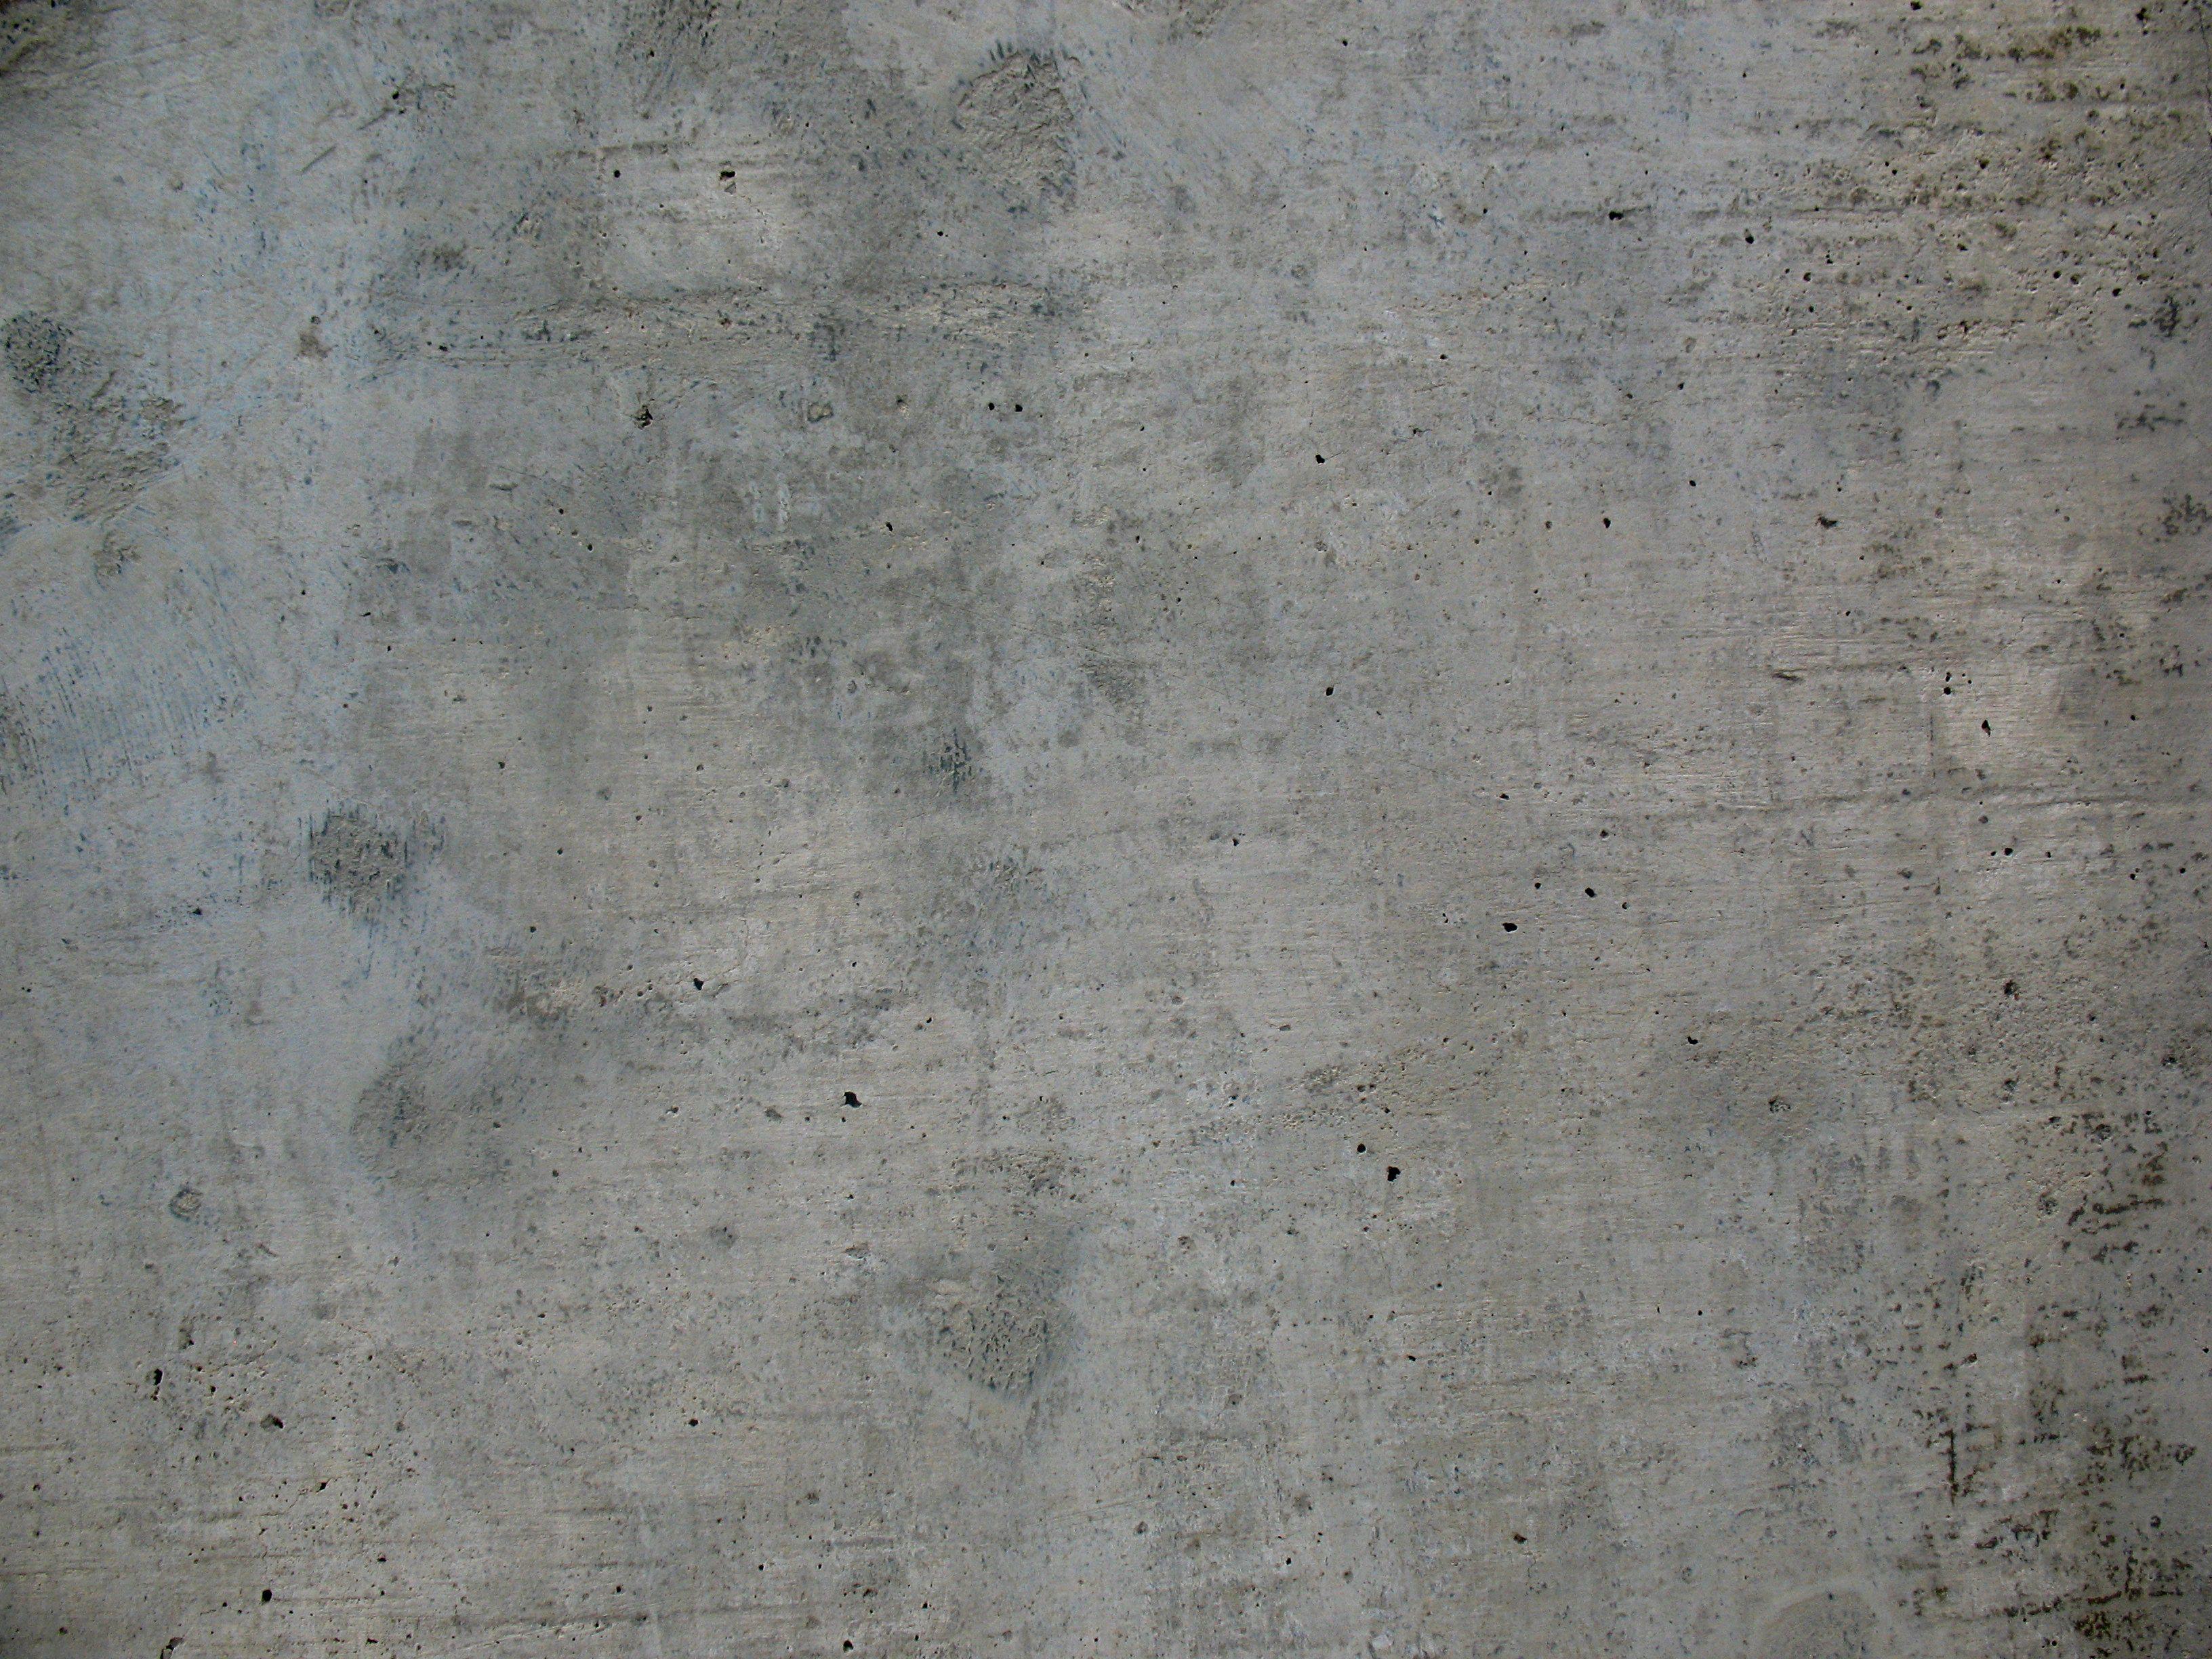 Delightful Free Download Texture   Concrete   Tan   Orange   Spill   Spot   Spots |  Textures, Patterns, U0026 Backgrounds | Pinterest | Commercial